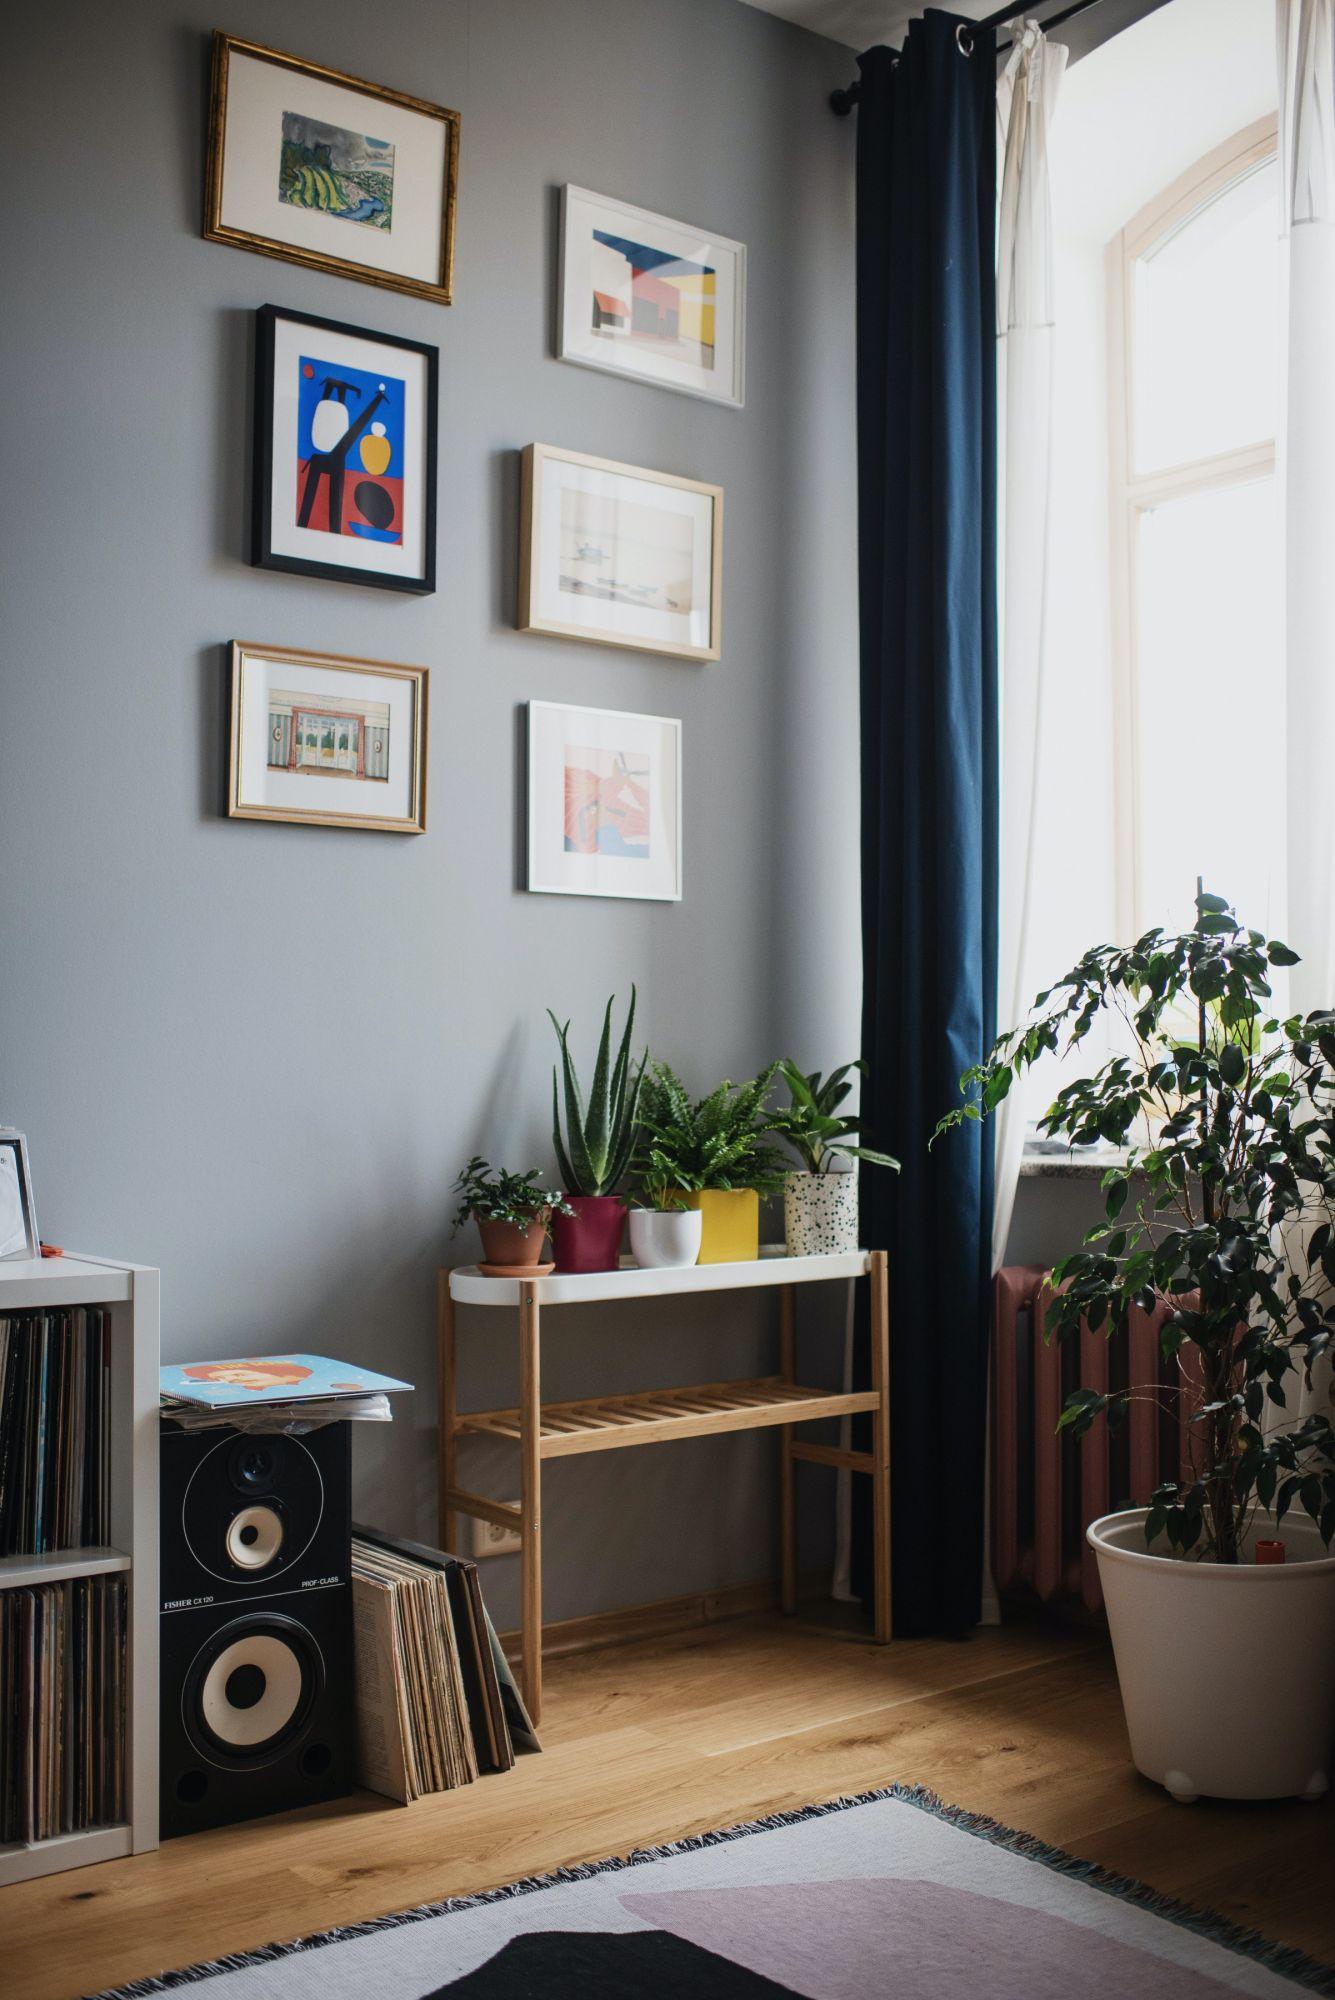 Zona giorno: cornici per decorare le pareti